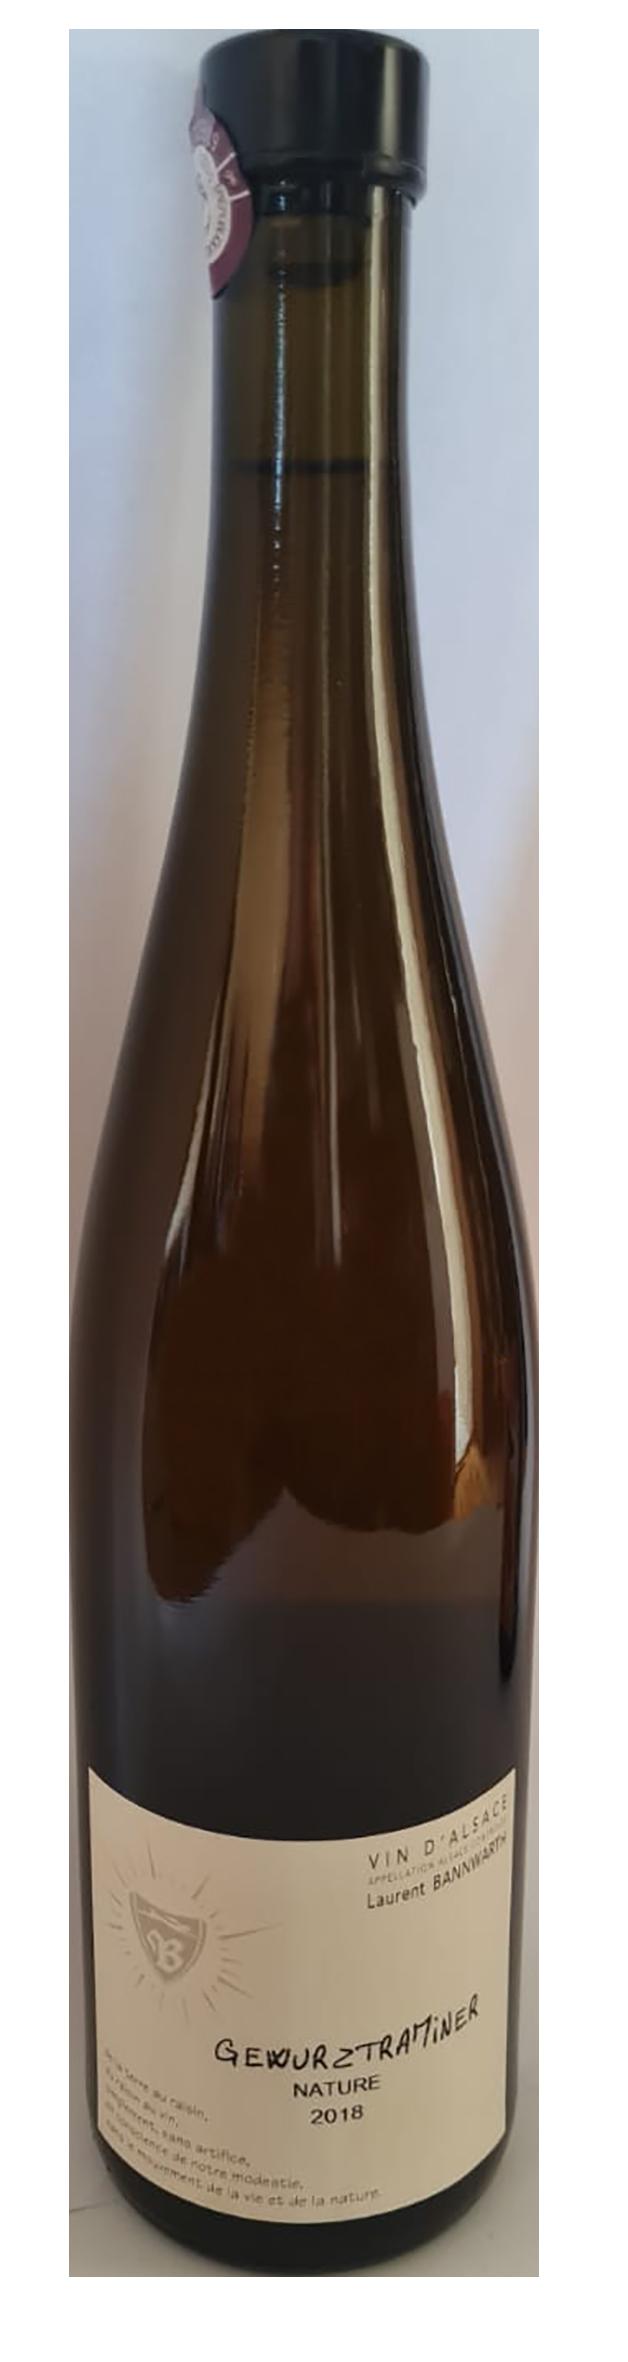 Bouteille de vin blanc naturel d'Alsace, domaine Bannwarth, cuvée Gewurztraminer nature 2018